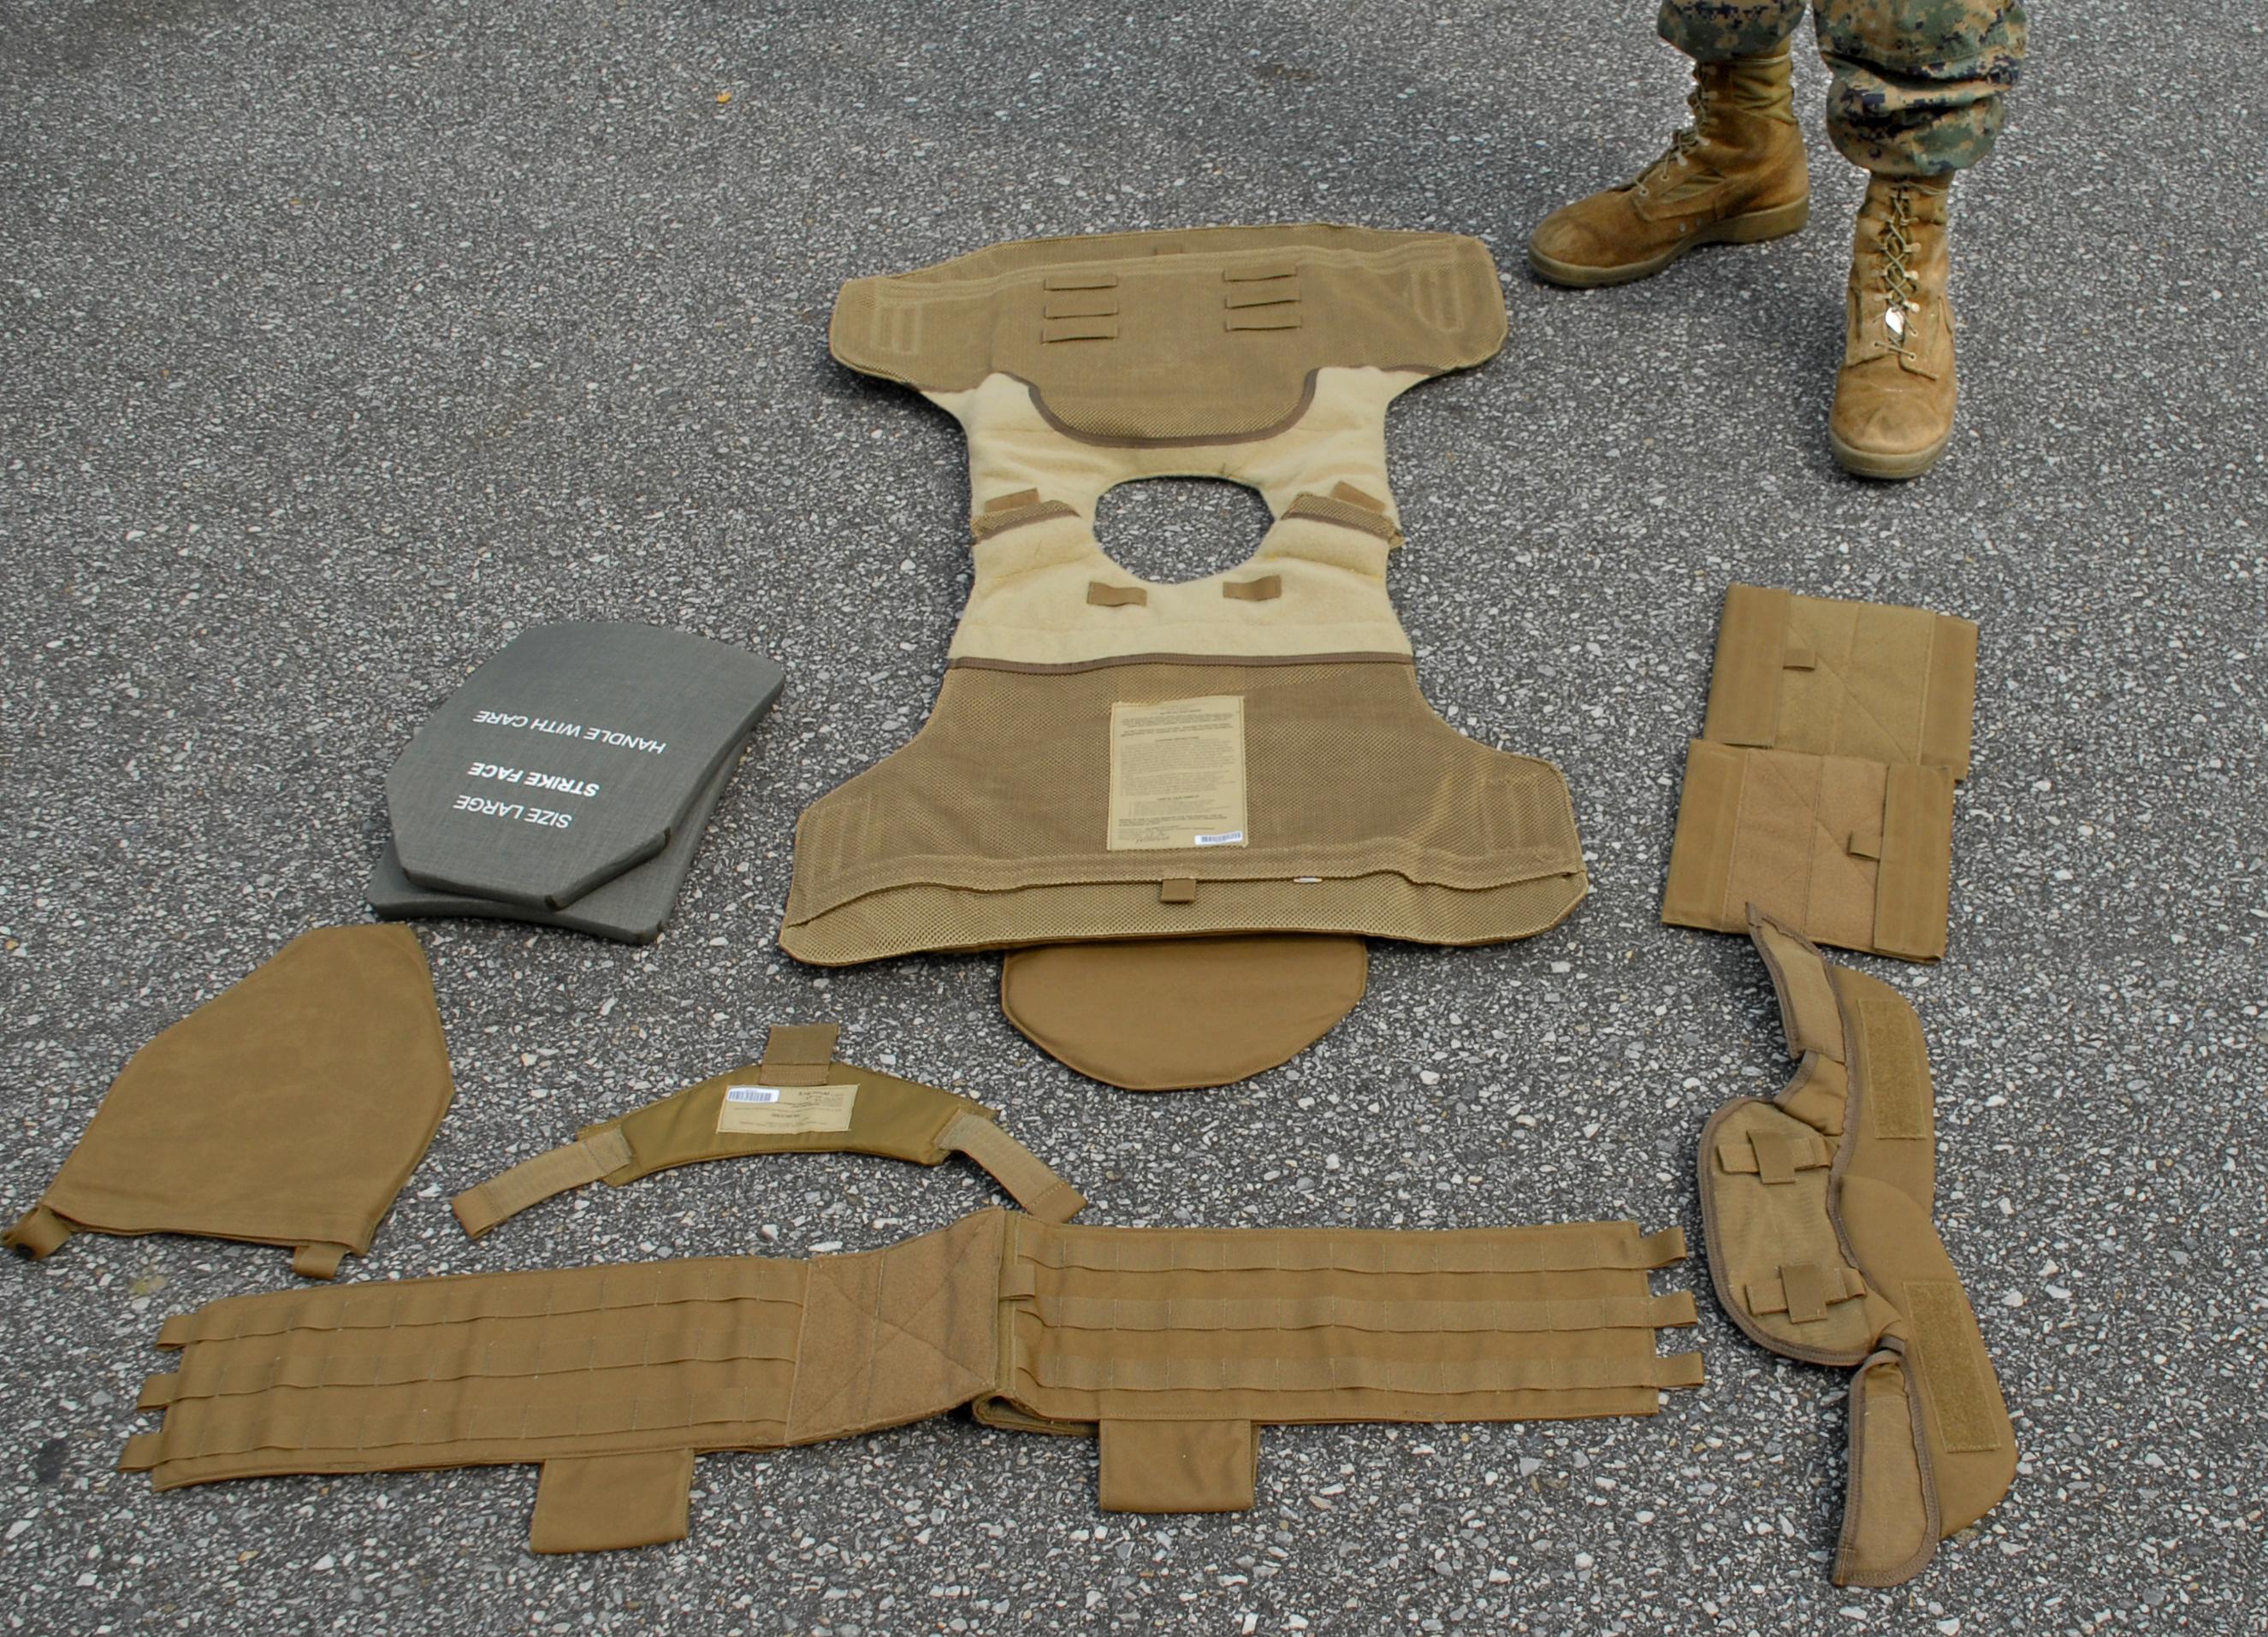 Tactical Vest Canada Modular Tactical Vest Worn